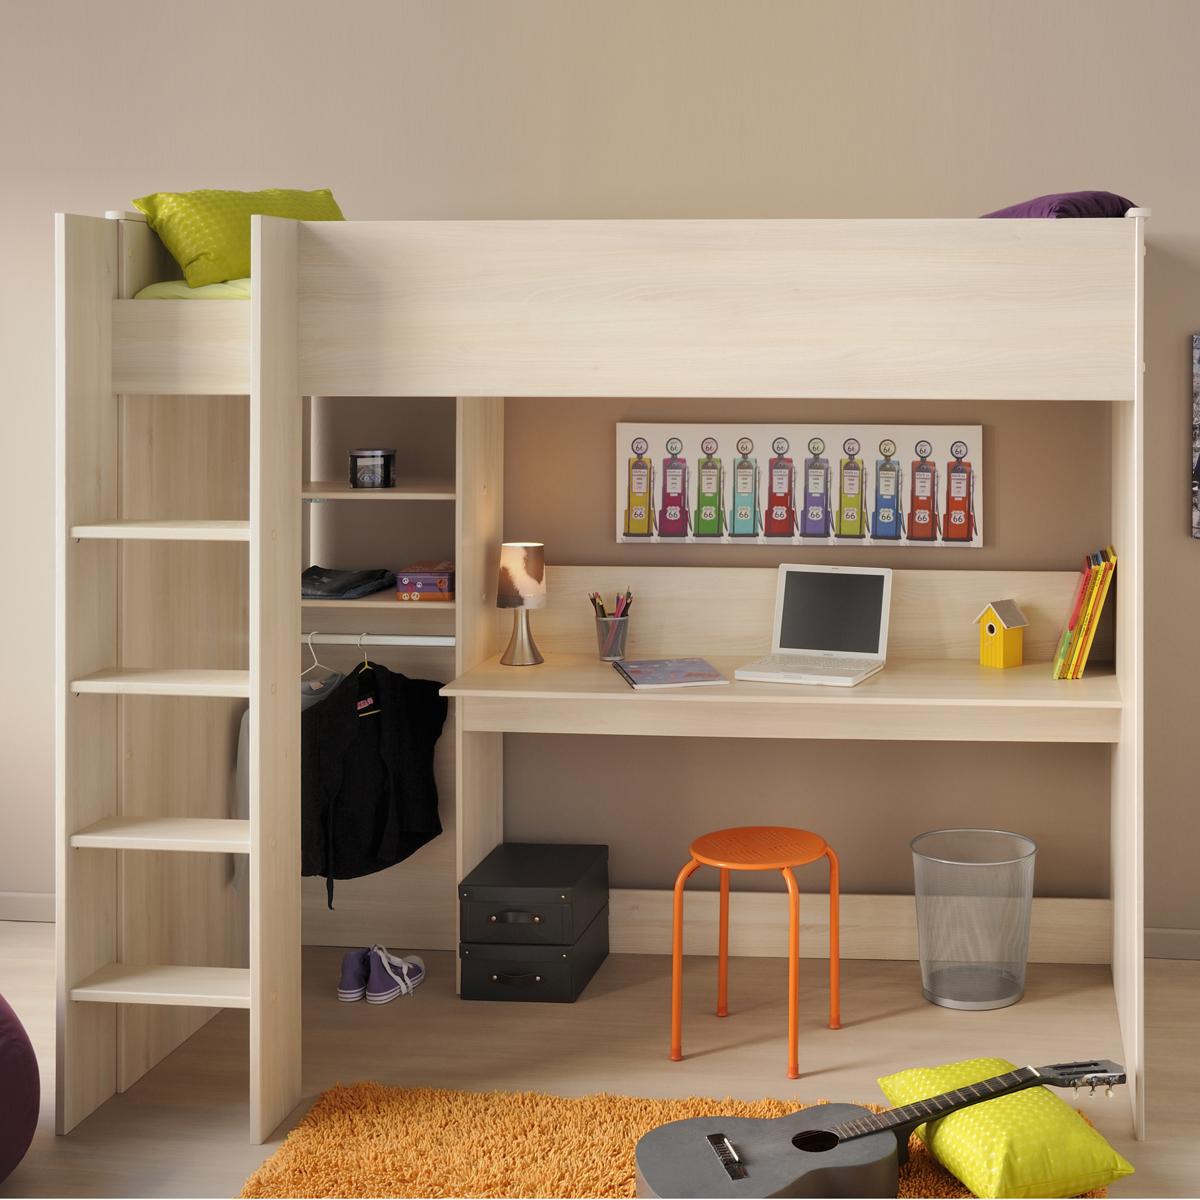 hochbett charly 3 etagenbett in akazie mit schreibtisch leiter und kleiderstange ebay. Black Bedroom Furniture Sets. Home Design Ideas